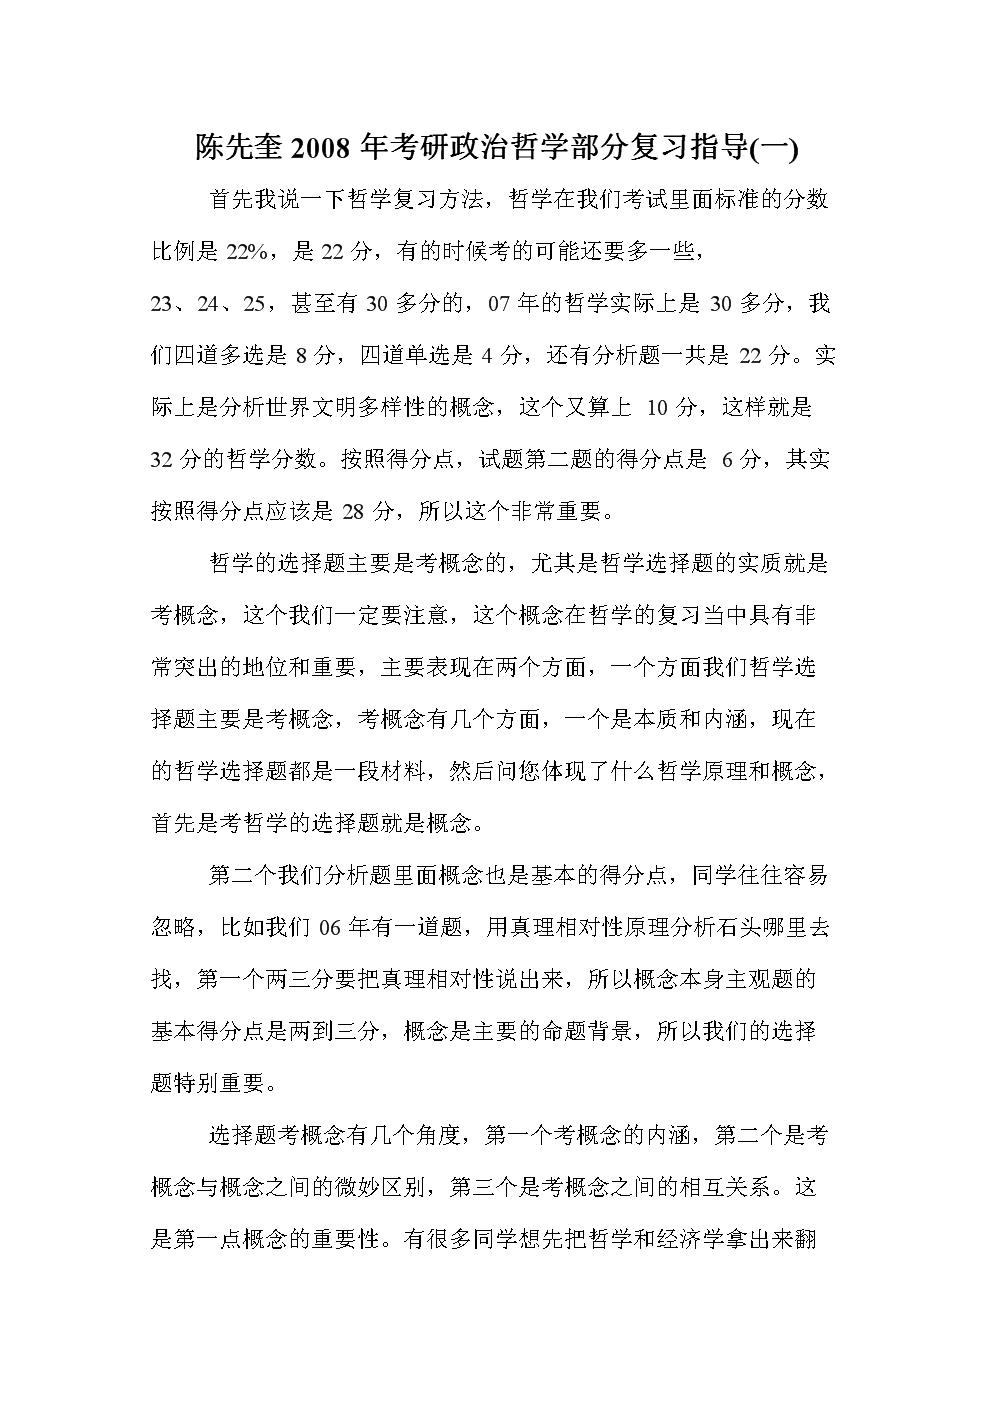 陈先奎2008年考研政治哲学部分复习指导(一).doc